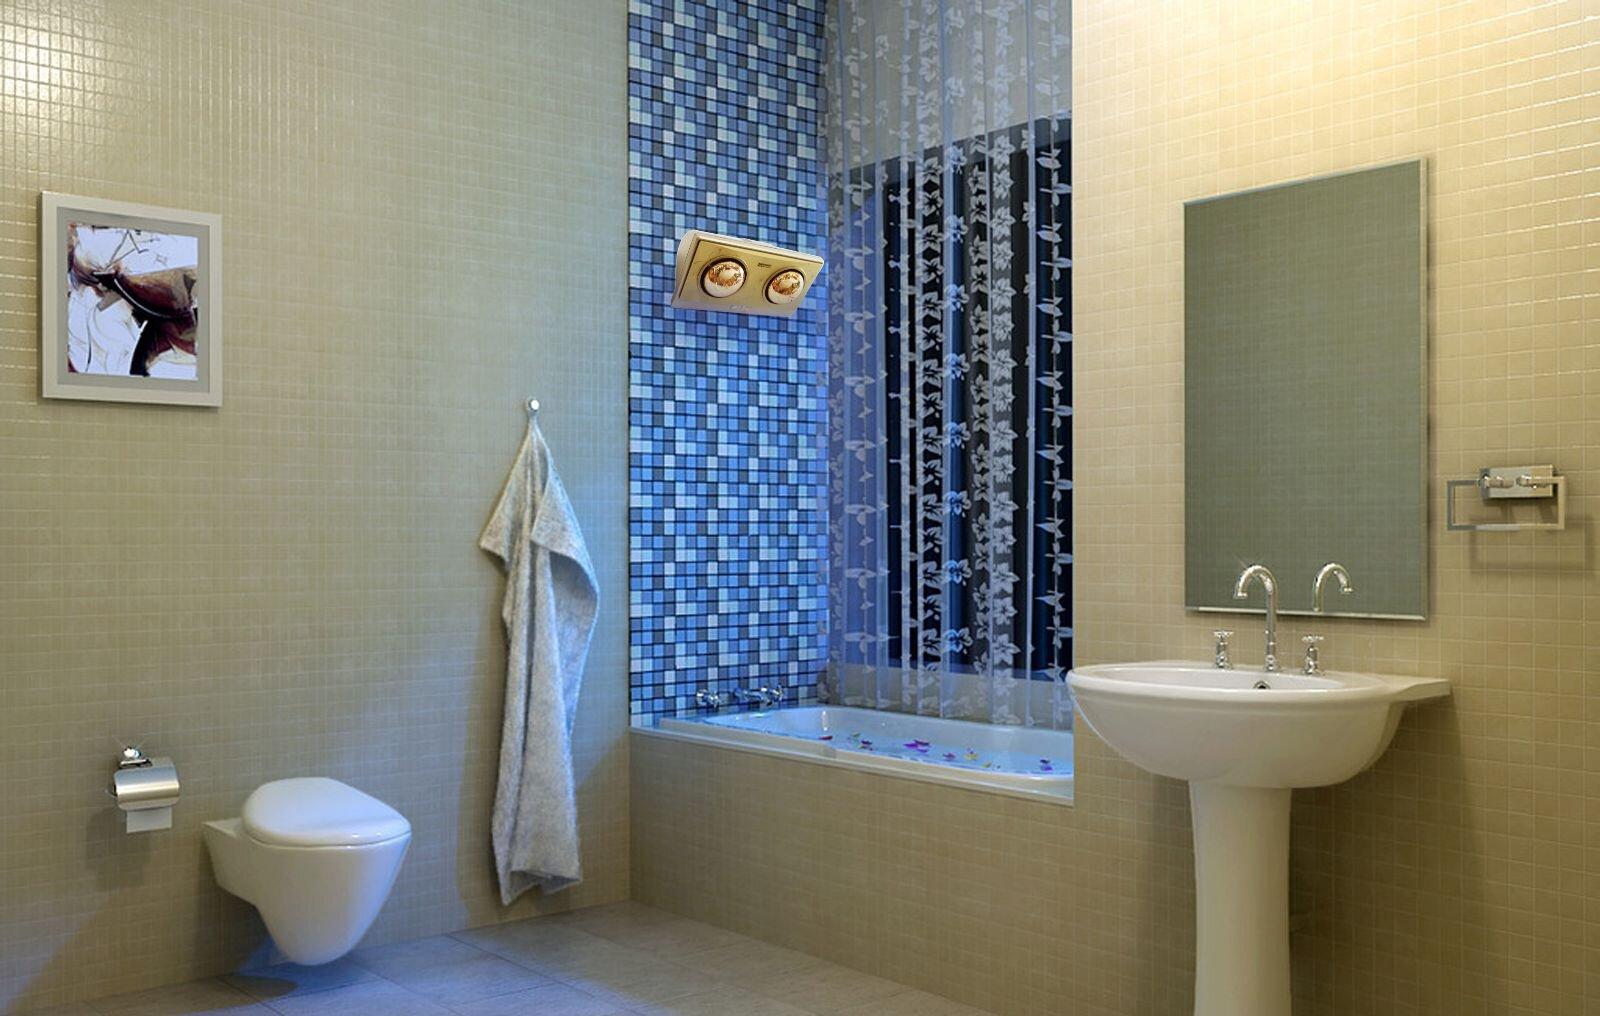 Sử dụng đèn sưởi hồng ngoại cho nhà tắm nhiều người còn băn khoăn nên hay không nên?